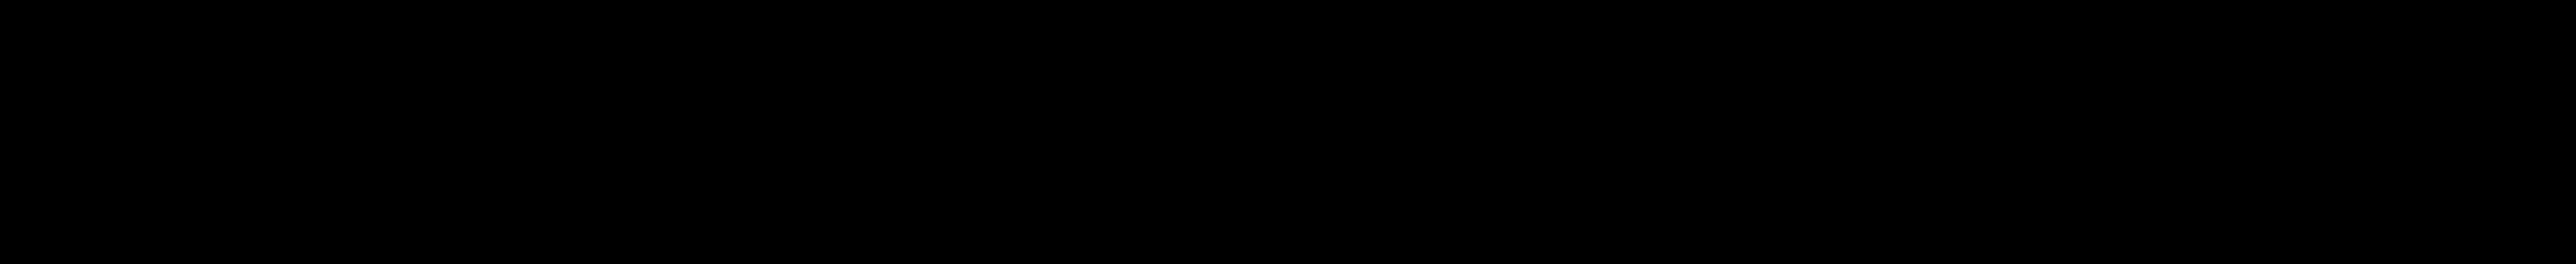 Eterea Ornamented Caps Italic